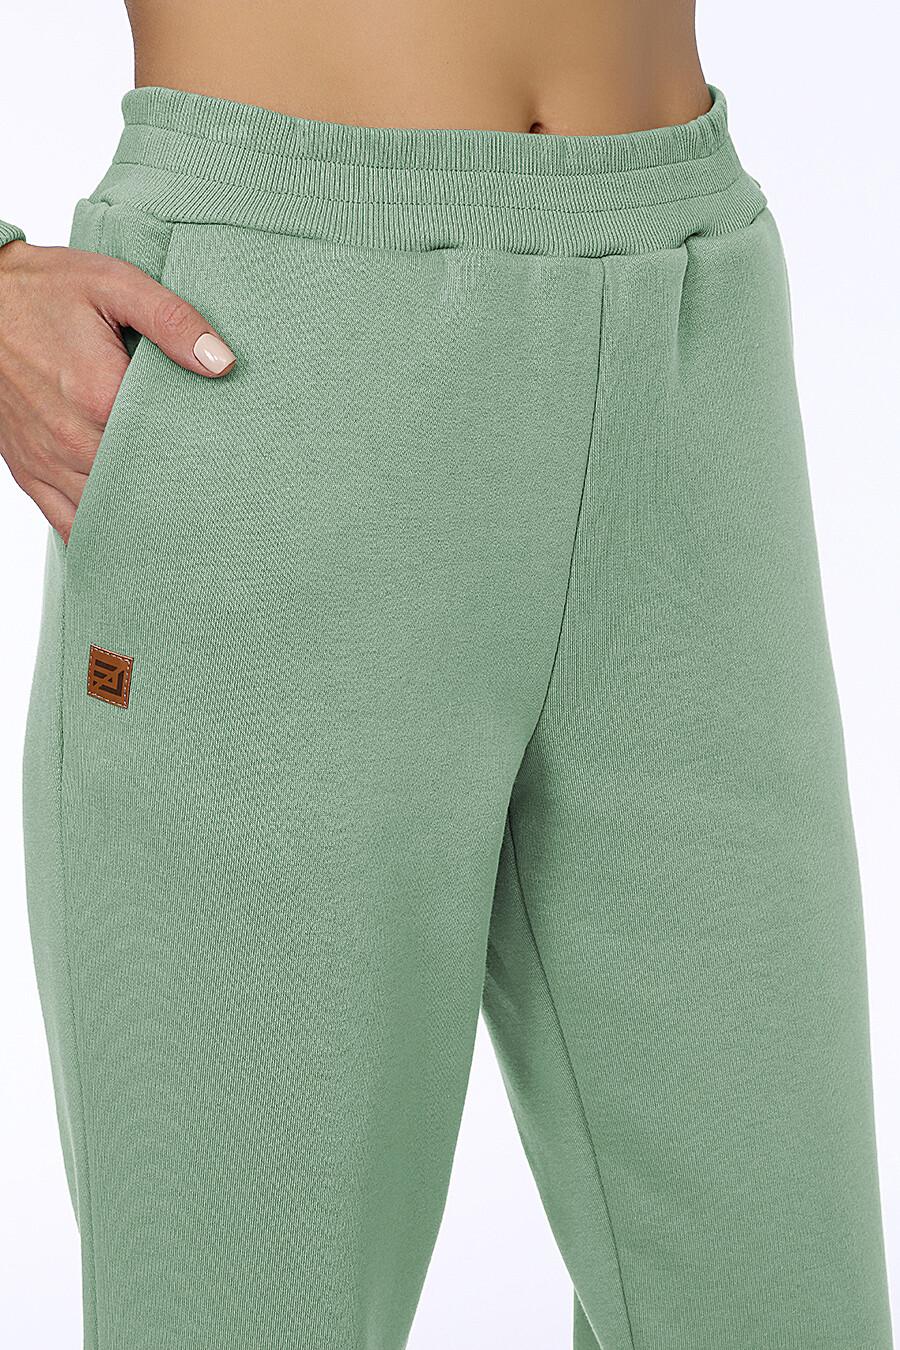 Костюм (Брюки+Худи) для женщин EZANNA 707993 купить оптом от производителя. Совместная покупка женской одежды в OptMoyo